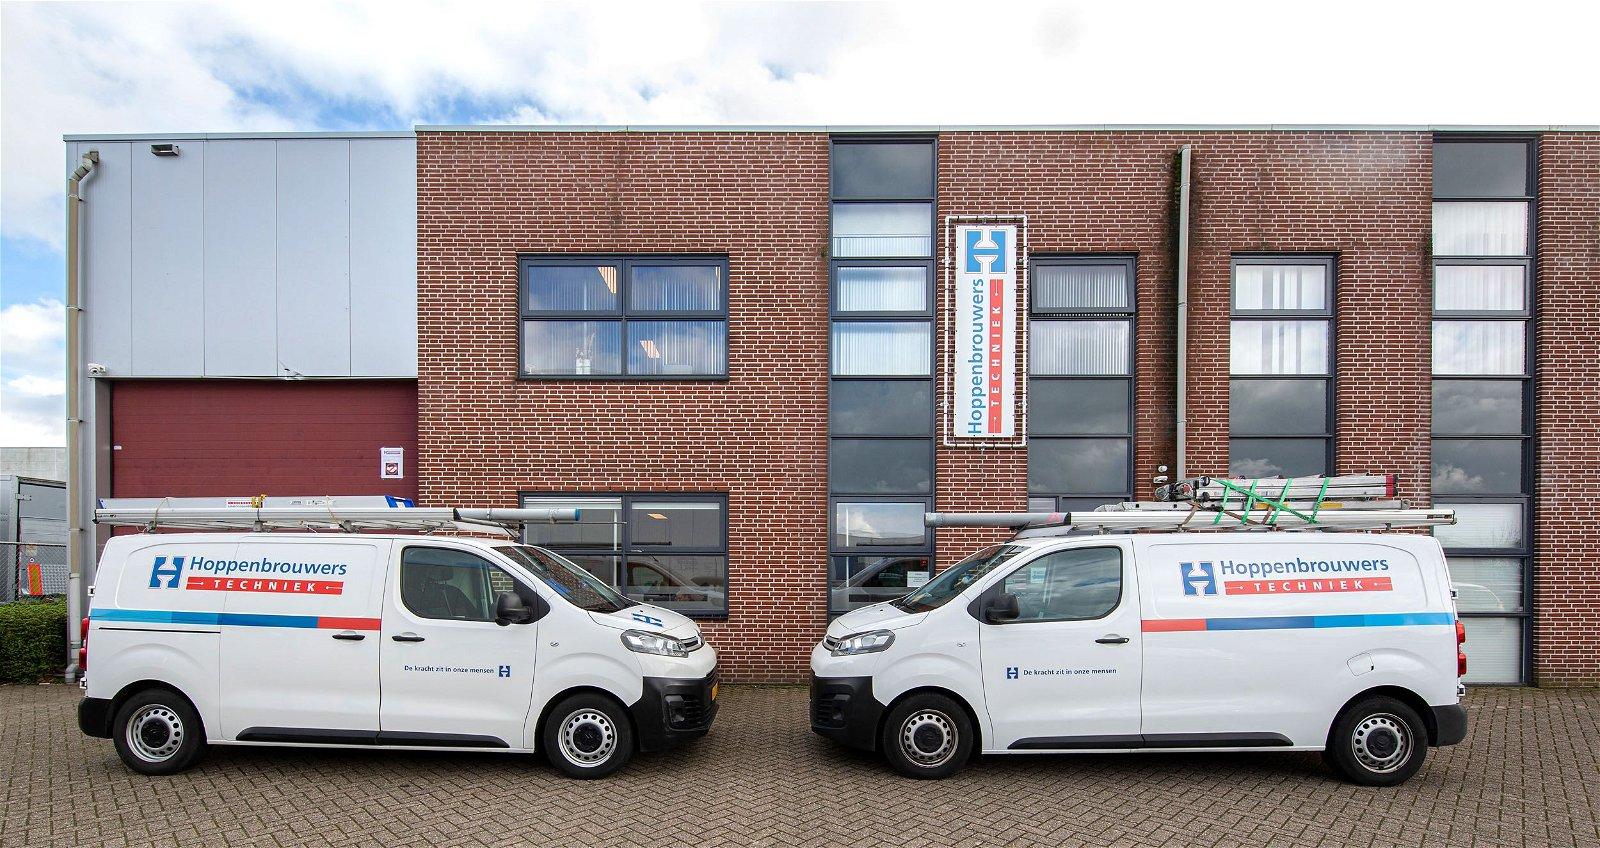 De Hoppenbrouwers vestiging in Roosendaal breidt uit